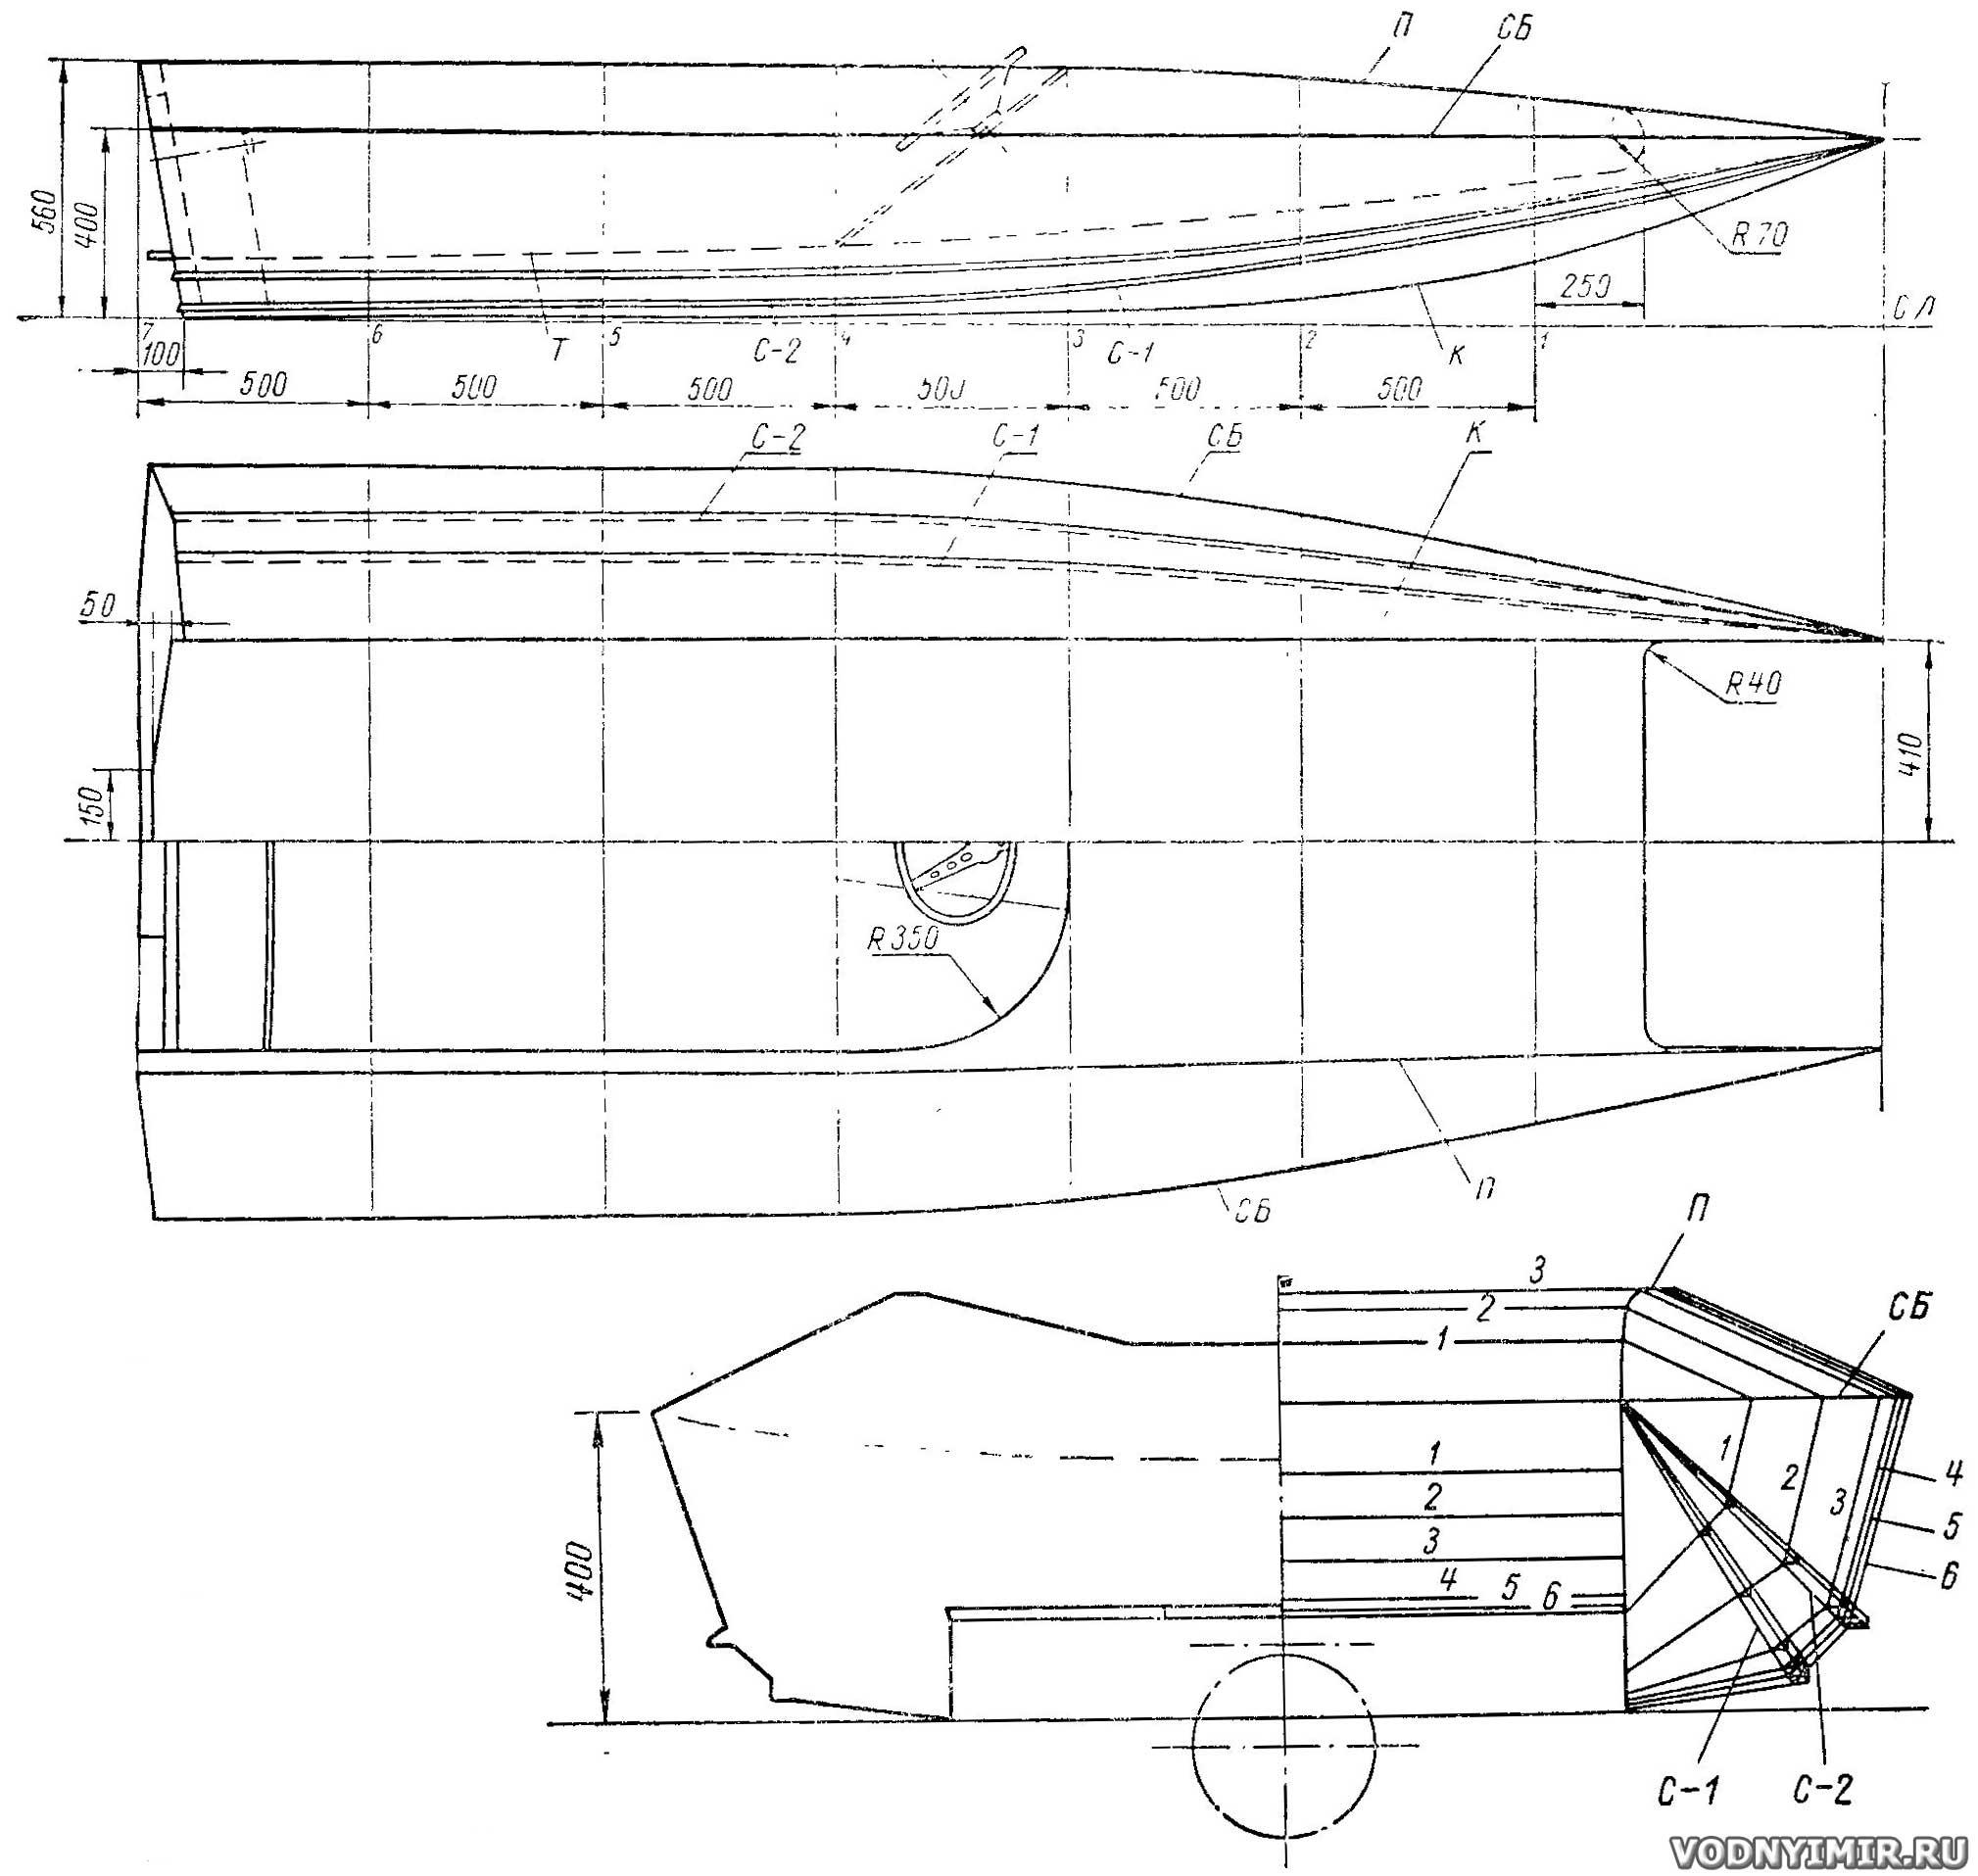 речная лодка чертеж